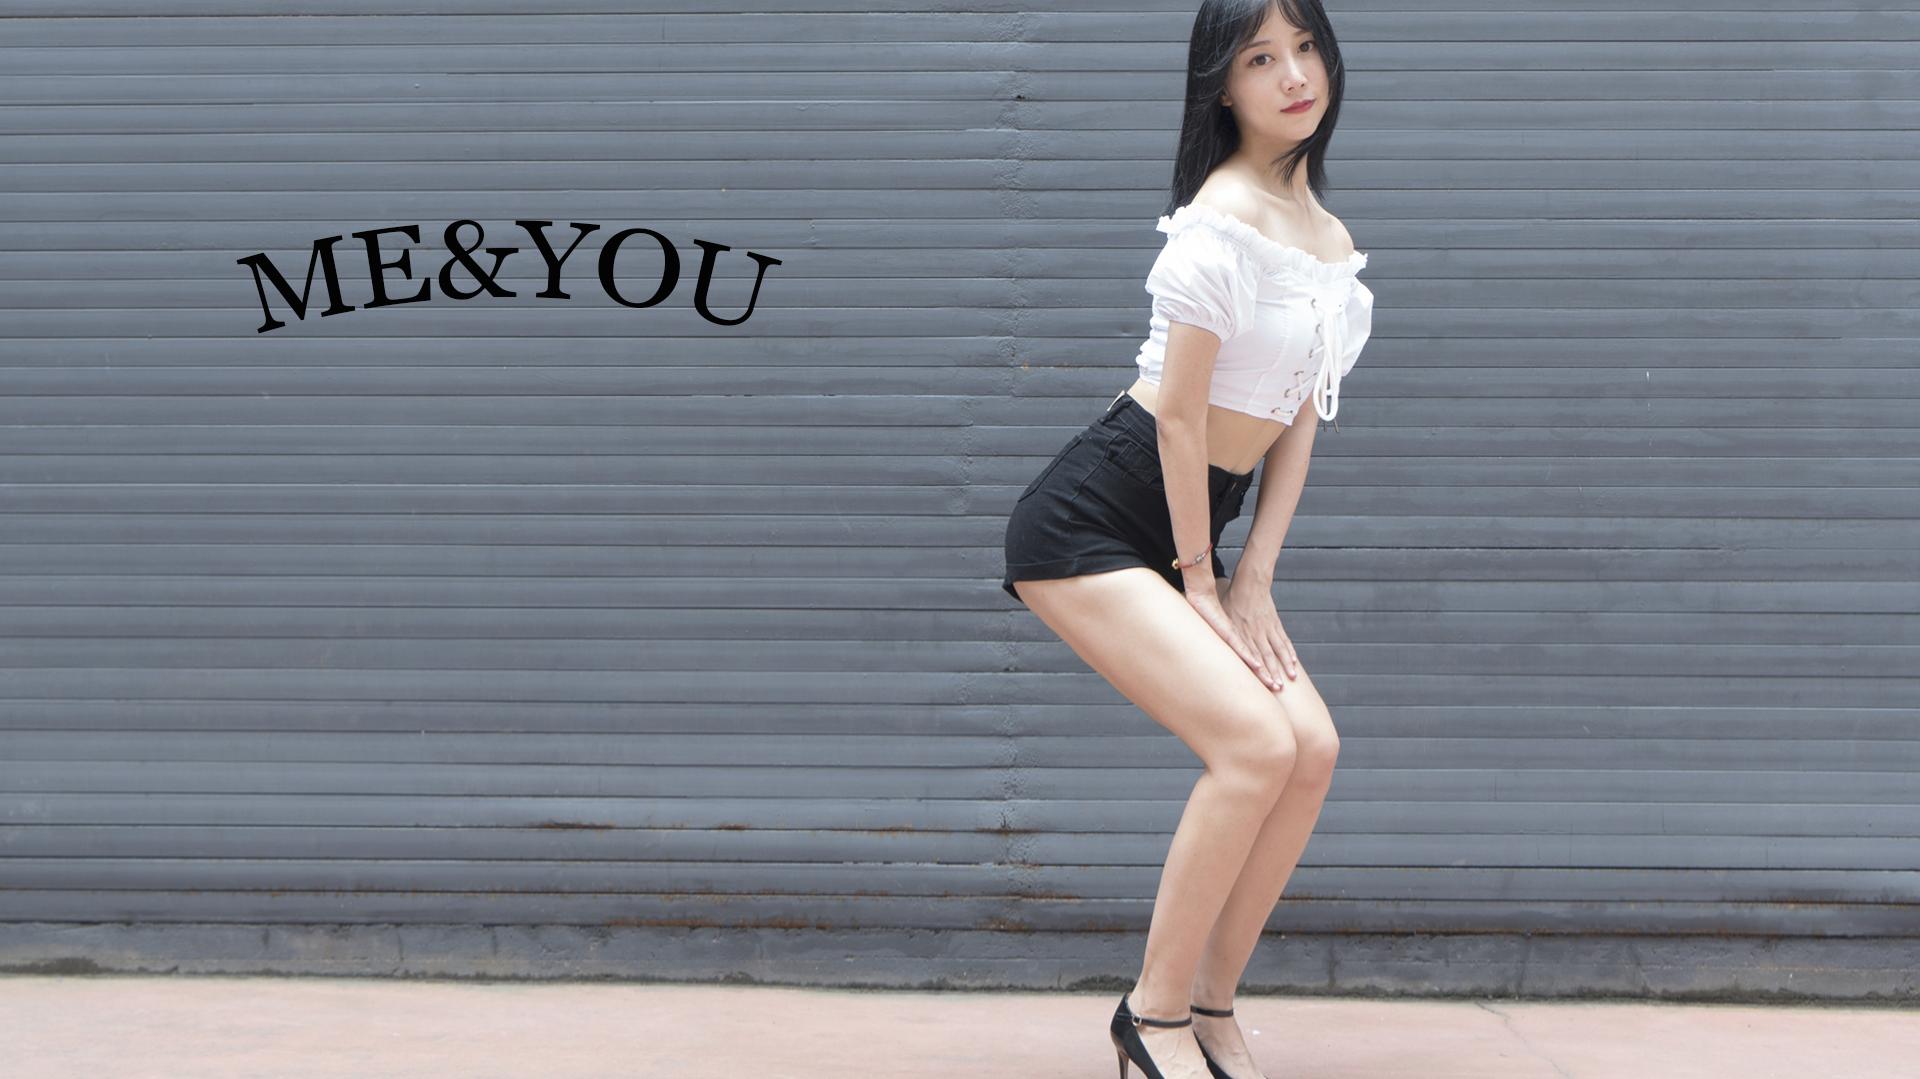 【素瑾】ME&YOU---EXID